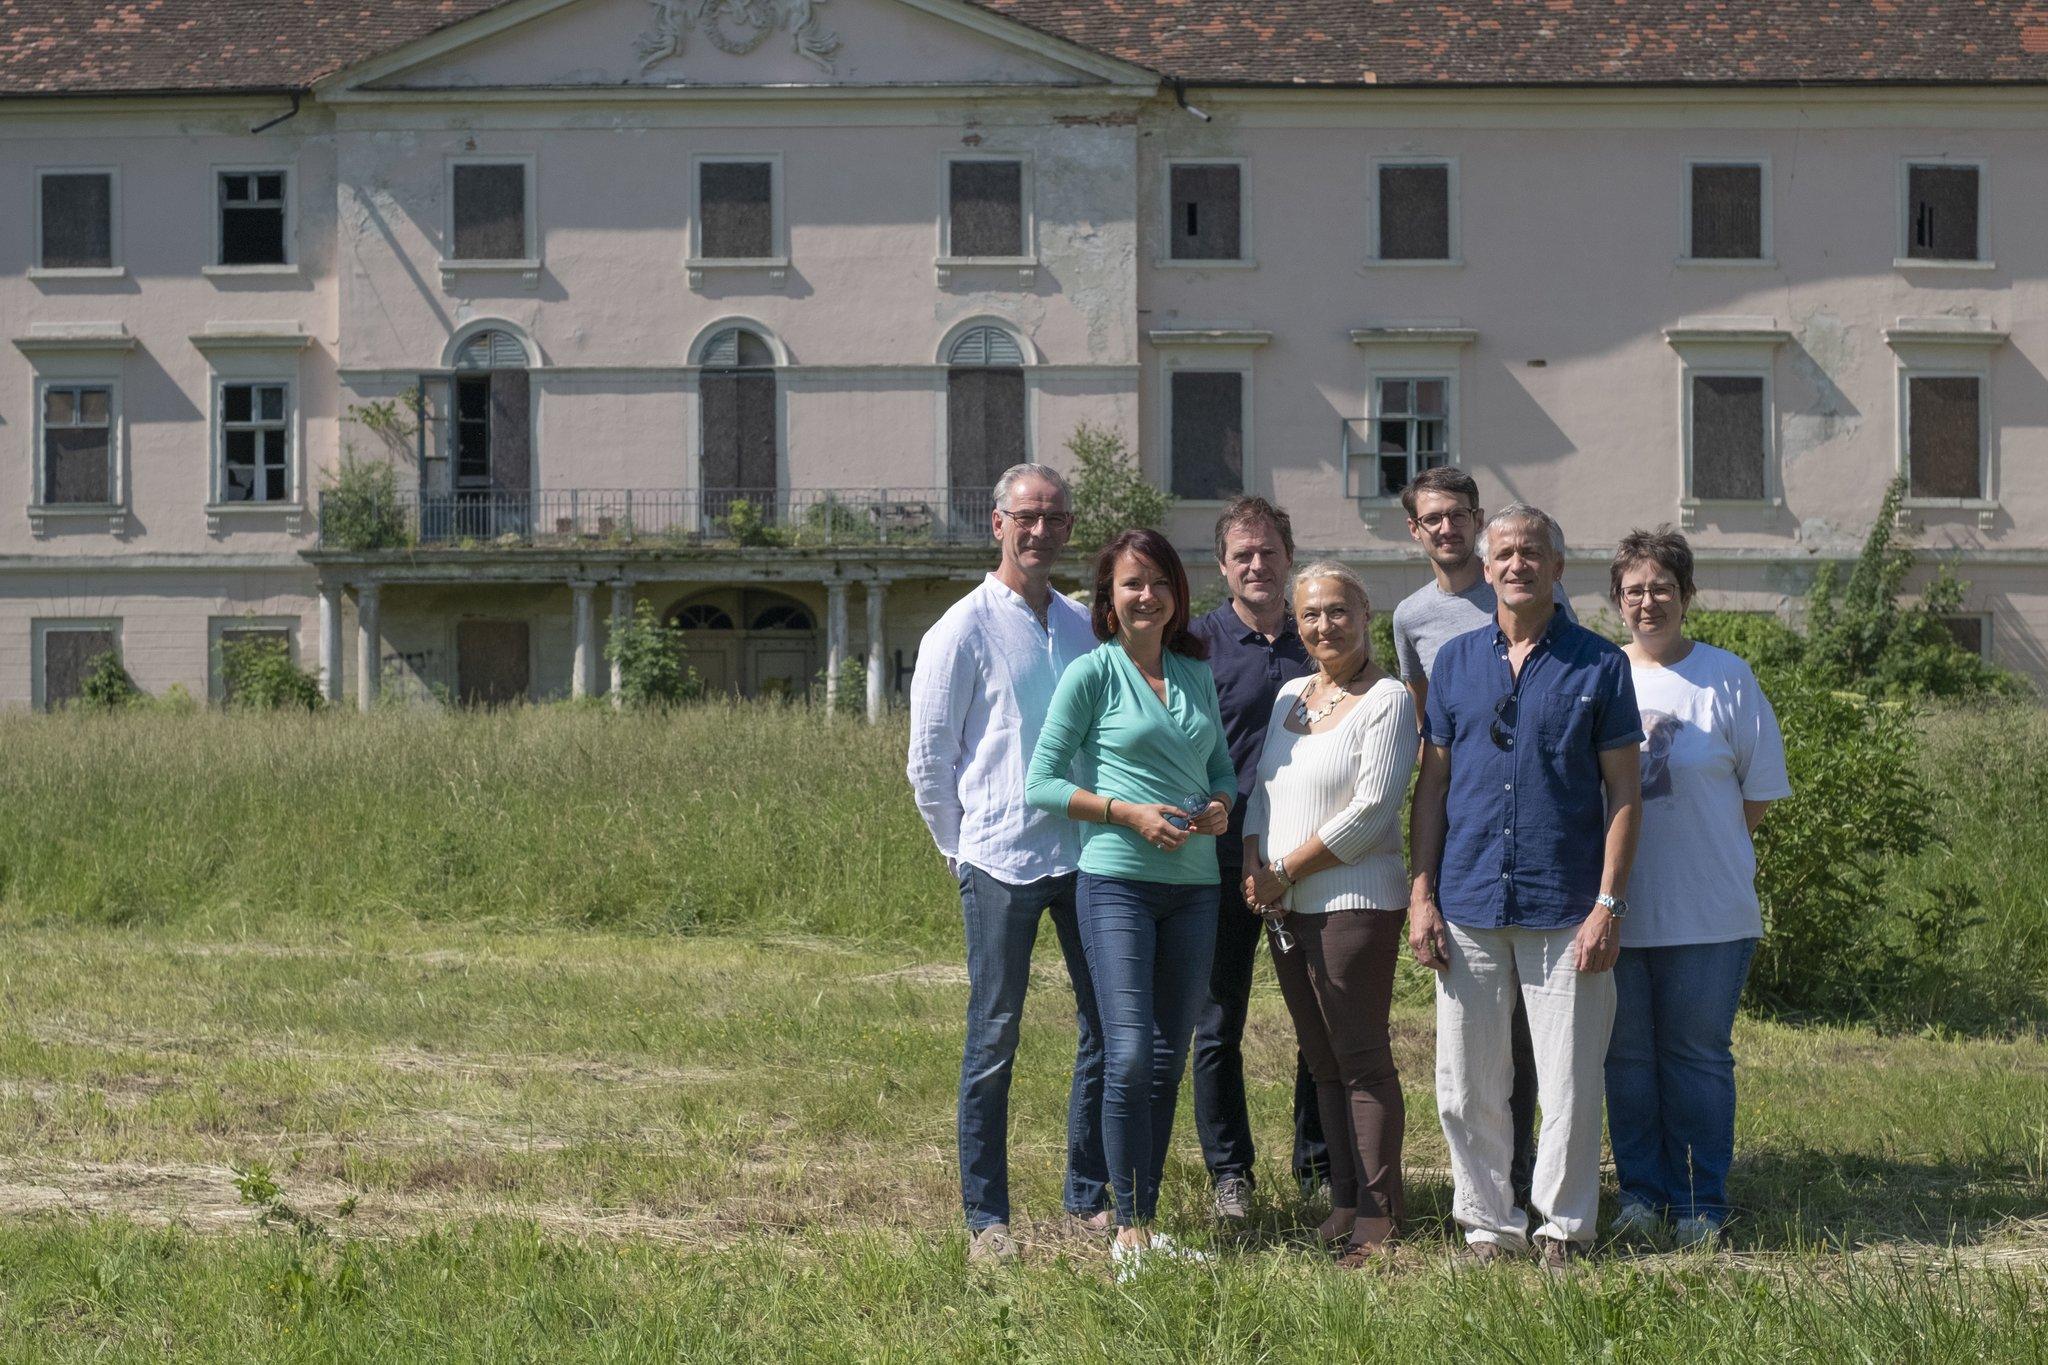 Singles Trautmannsdorf An Der Leitha, Kontaktanzeigen aus